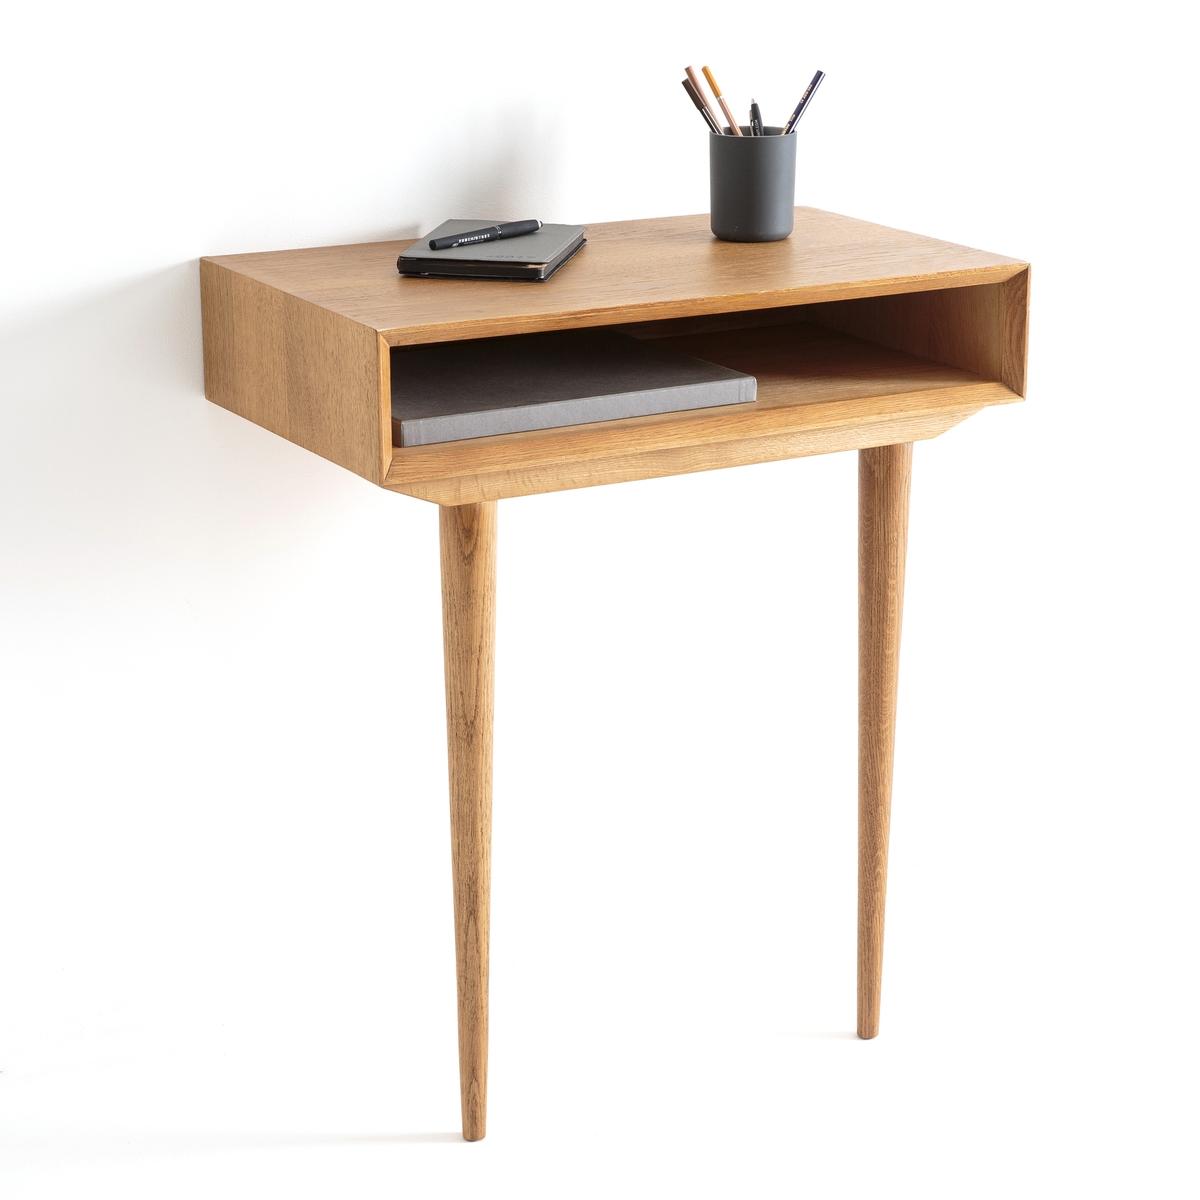 Стол-консоль пристенный, QUILDAПристенный стол-консоль Quilda. Компактный стол-консоль Quilda великолепного дизайна в стиле 60-х годов добавит нотку элегантности интерьеру Вашей спальни, прихожей или гостиной. Может использоваться в качестве вспомогательного столика или, если добавить зеркало, в качестве туалетного.Характеристики стола-консоли Quilda :Ножки из массива дуба, ящик из дубовой МДФ с лаковым нитроцеллюлозным покрытием. Фиксируется на стене.Откройте для себя всю коллекцию Quilda на сайте laredoute.ruРазмеры стола-консоли Quilda :Общие Длина : 65 смВысота : 76 смГлубина : 38 смРазмеры и вес упаковки:1 упаковка74 x 47 x 24,5 см13 кг Доставка :Стол-консоль Quilda поставляется в разобранном виде. Возможна доставка до квартиры по предварительной договоренности   !Внимание ! Убедитесь, что дверные, лестничные и лифтовые проемы позволяют осуществить доставку коробки таких габаритов.<br><br>Цвет: дуб